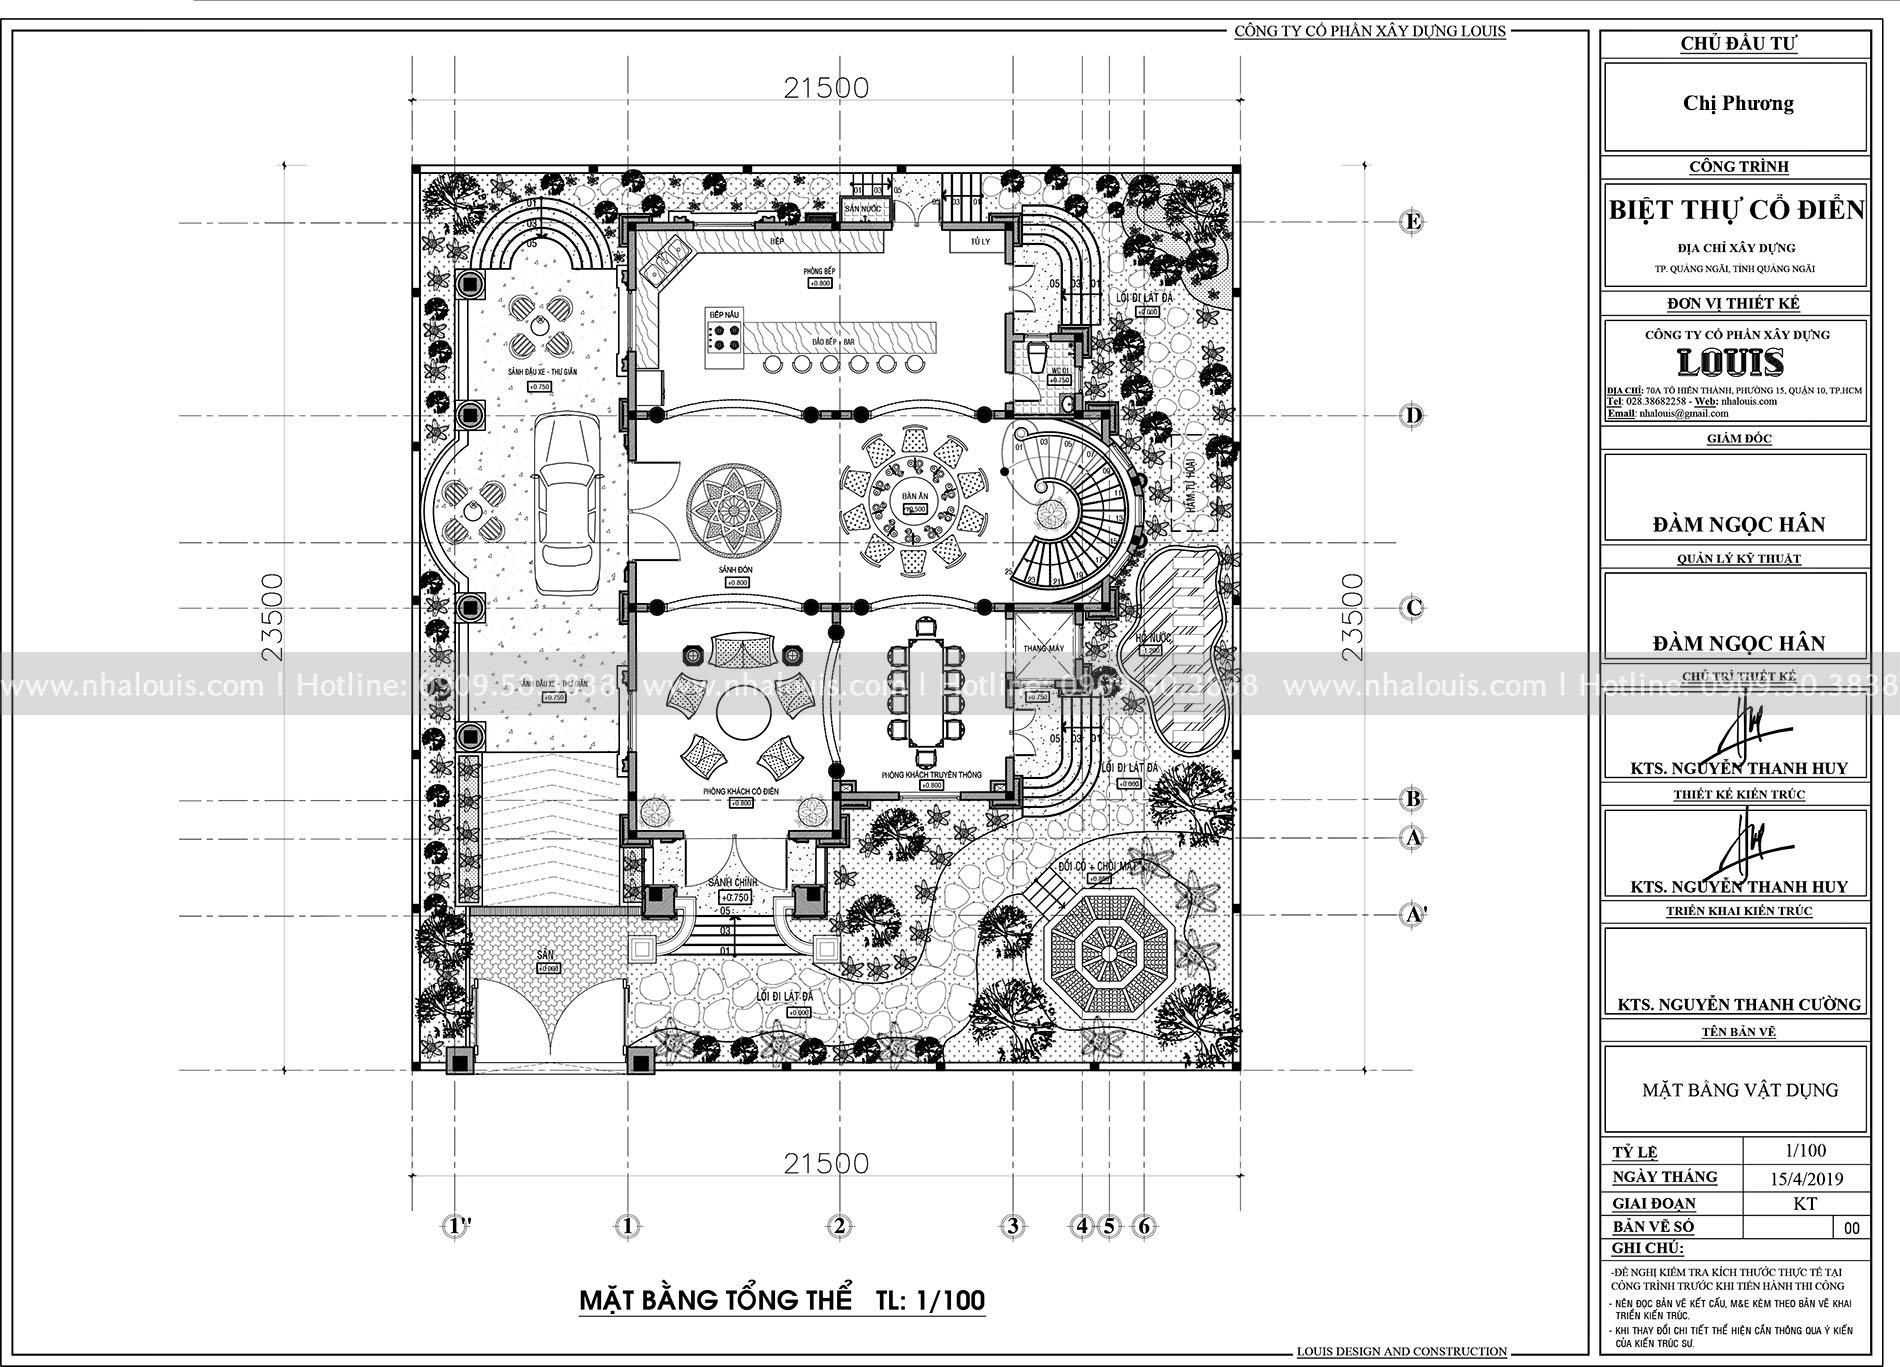 Biệt thự 3 tầng tân cổ điển tại Quảng Nam đón đầu xu hướng thiết kế 2019